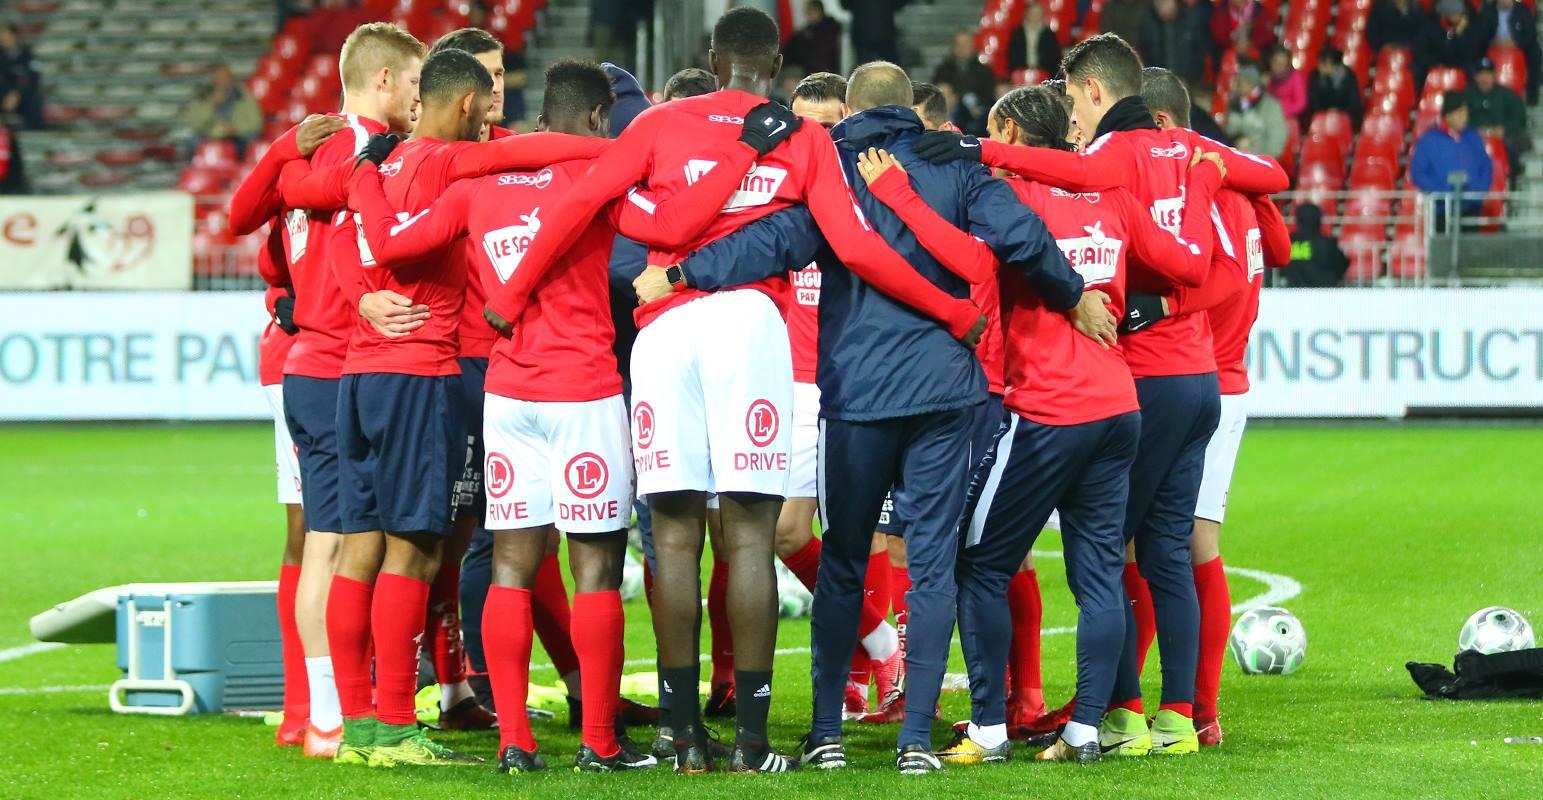 Ligue 2, Brest-Niort 10 maggio: analisi e pronostico della giornata della seconda divisione calcistica francese